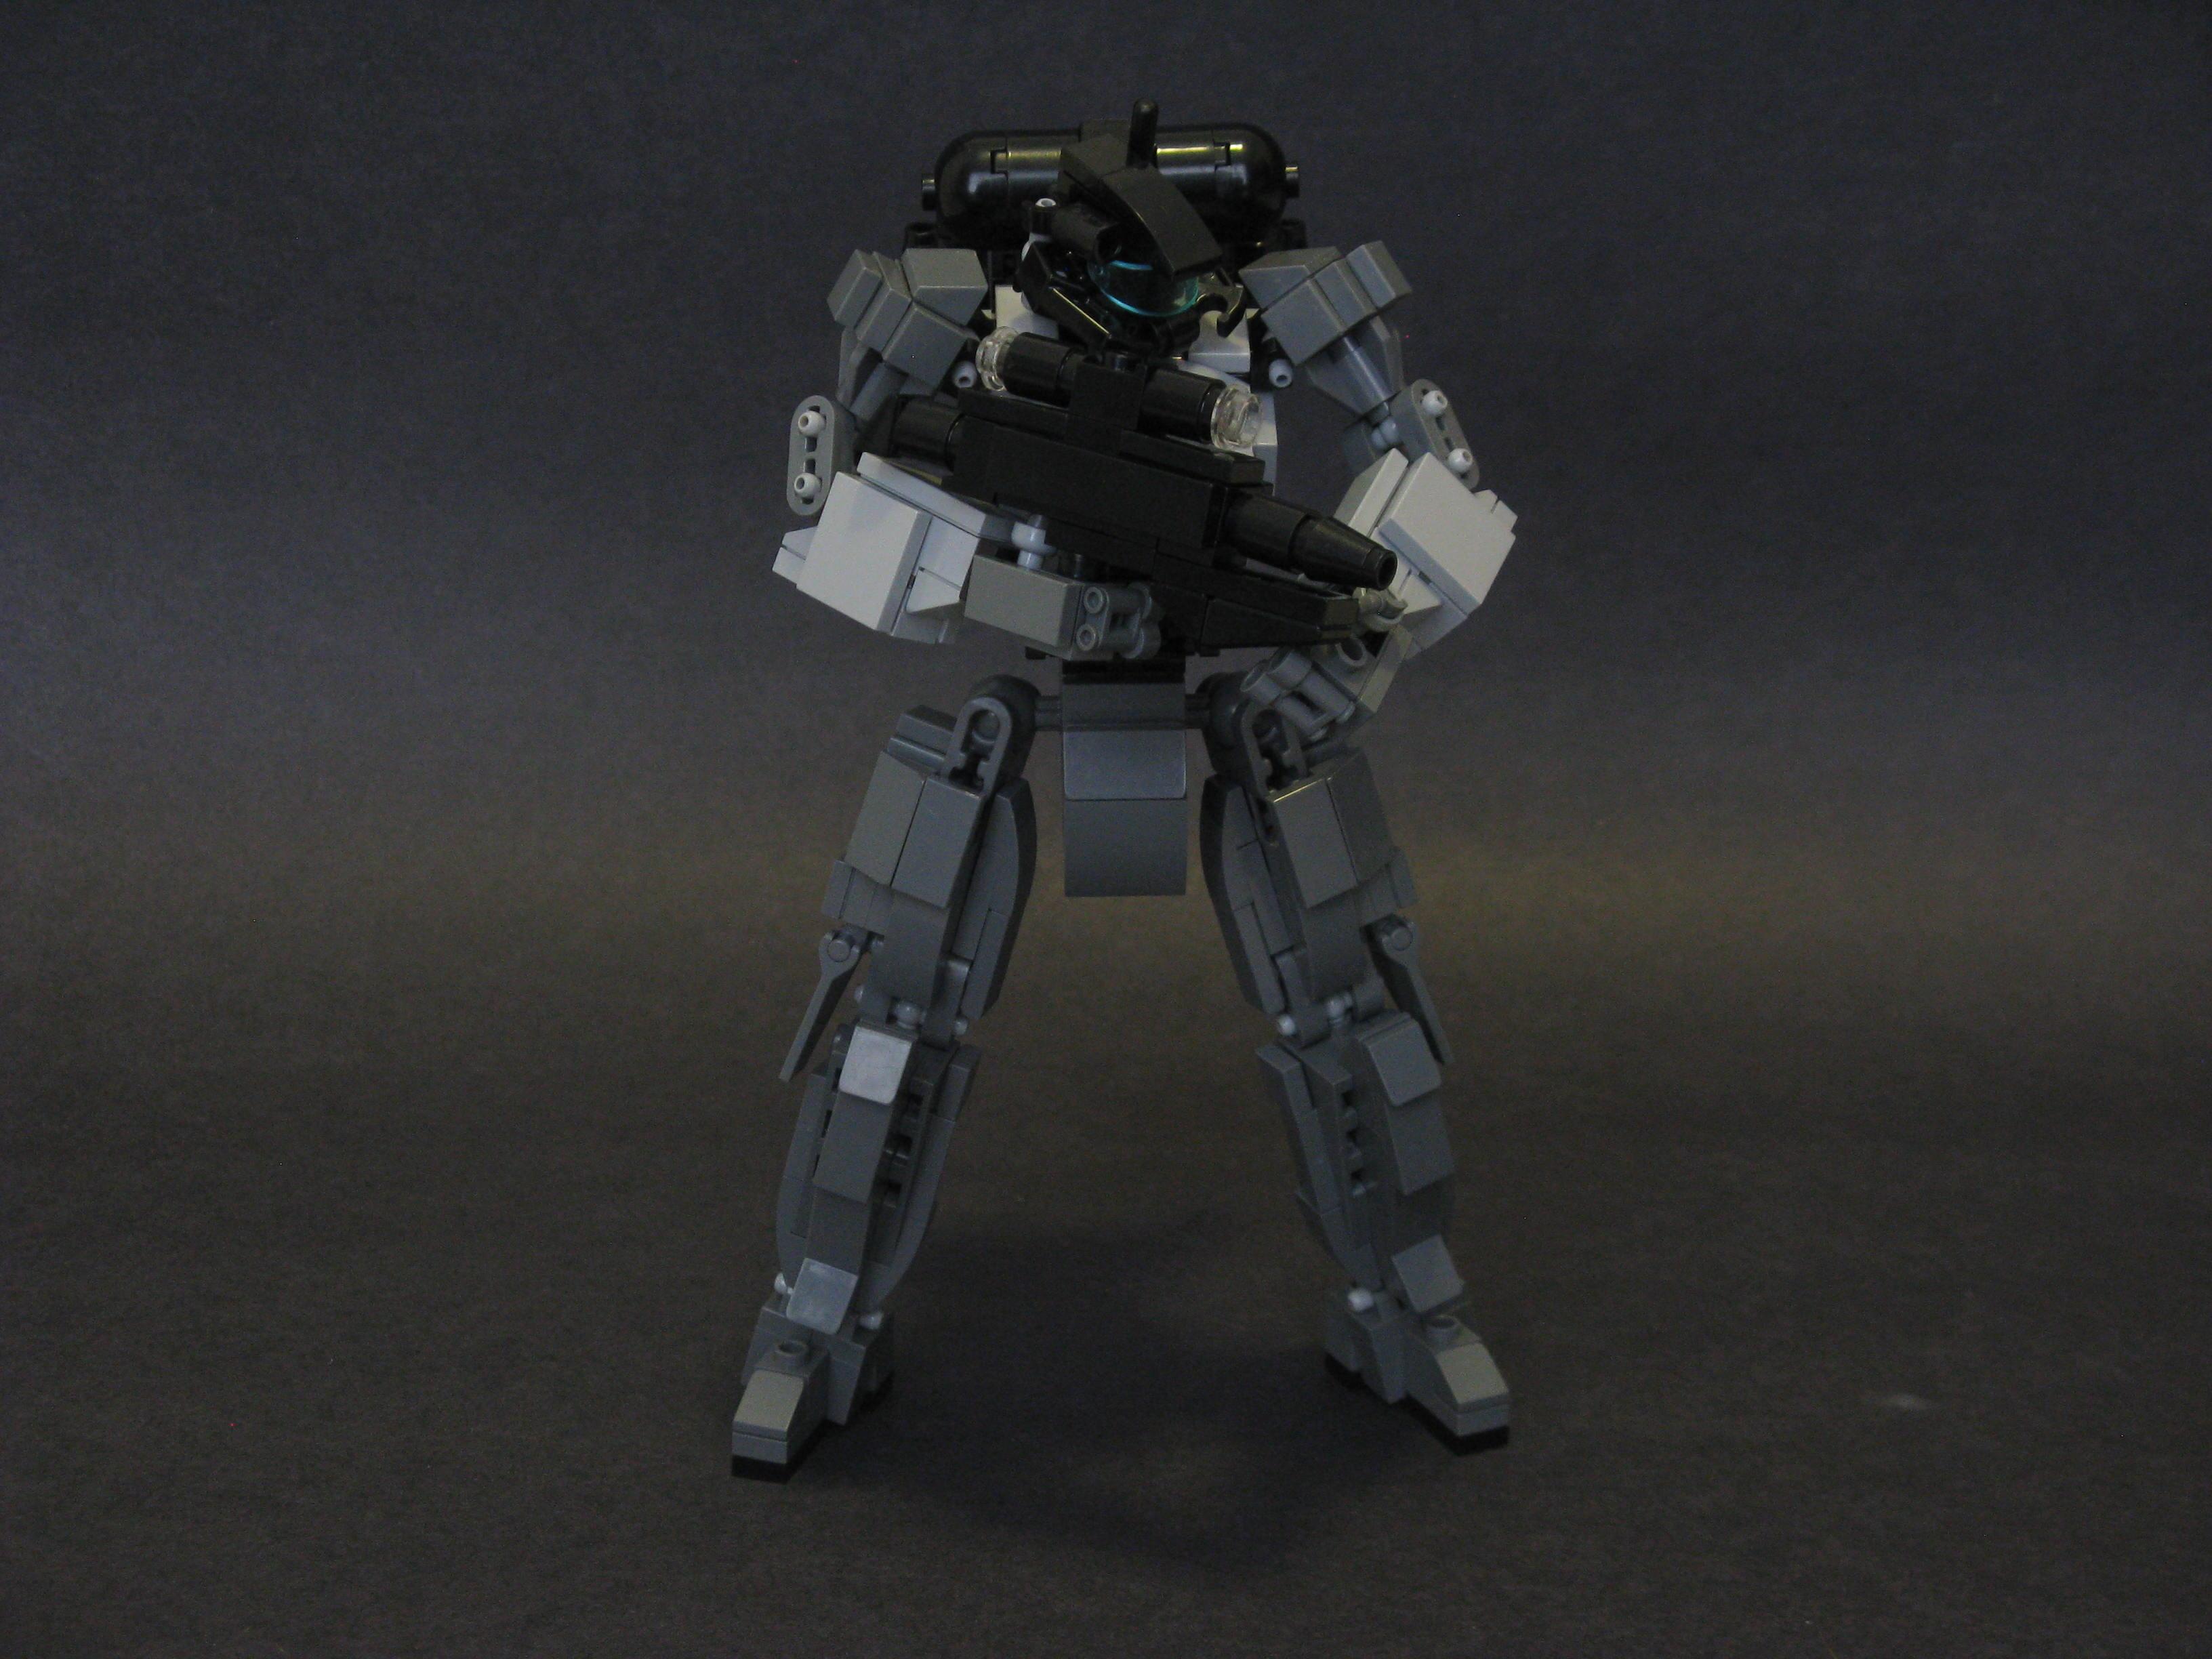 Hintergrundbilder : Roboter, Waffe, LEGO, Mech, Technologie, Militär ...